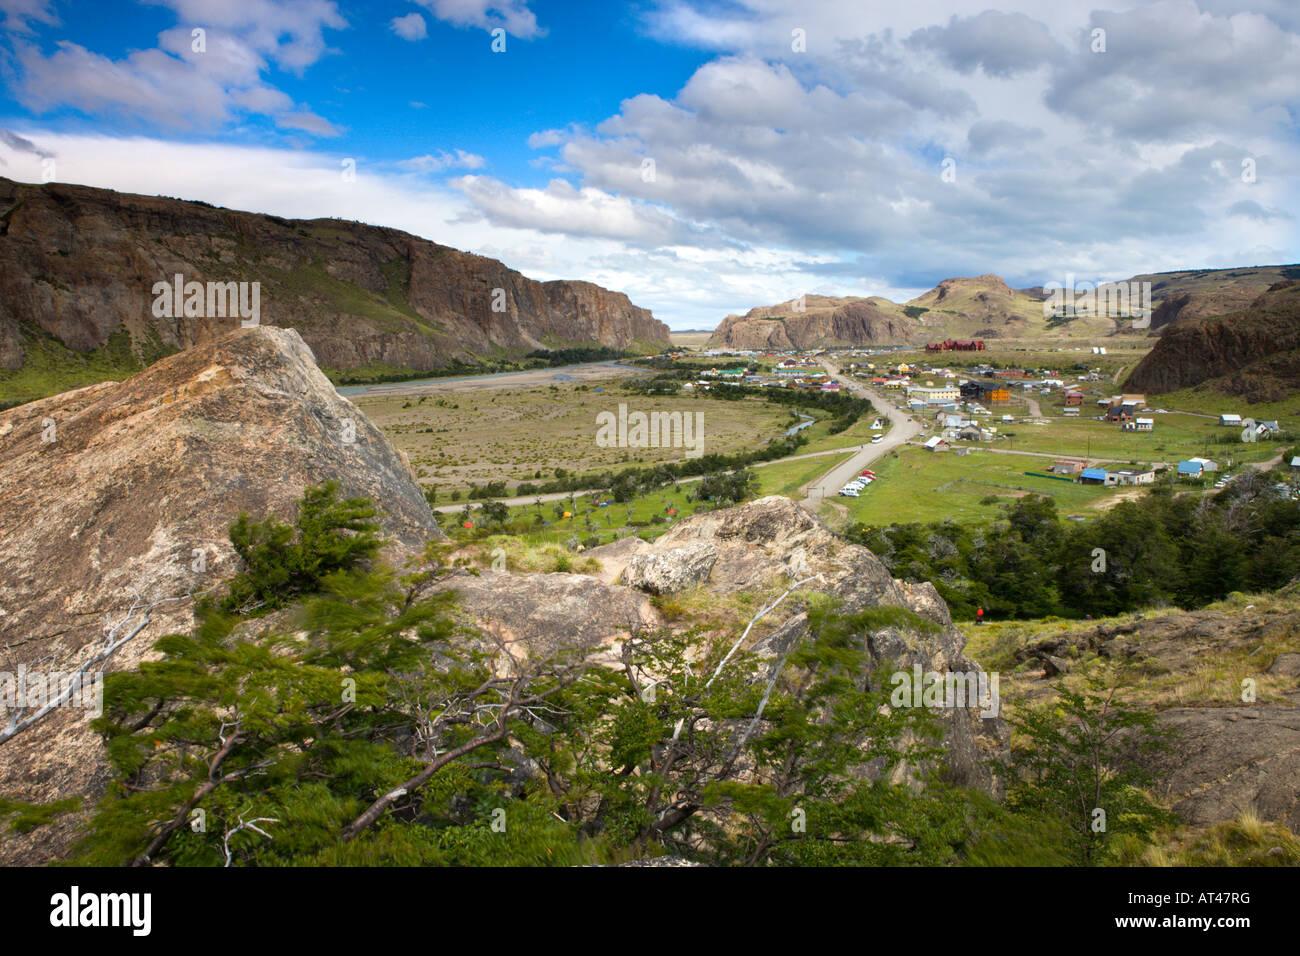 El Chalten village within Los Glaciares National Park, Argentina - Stock Image